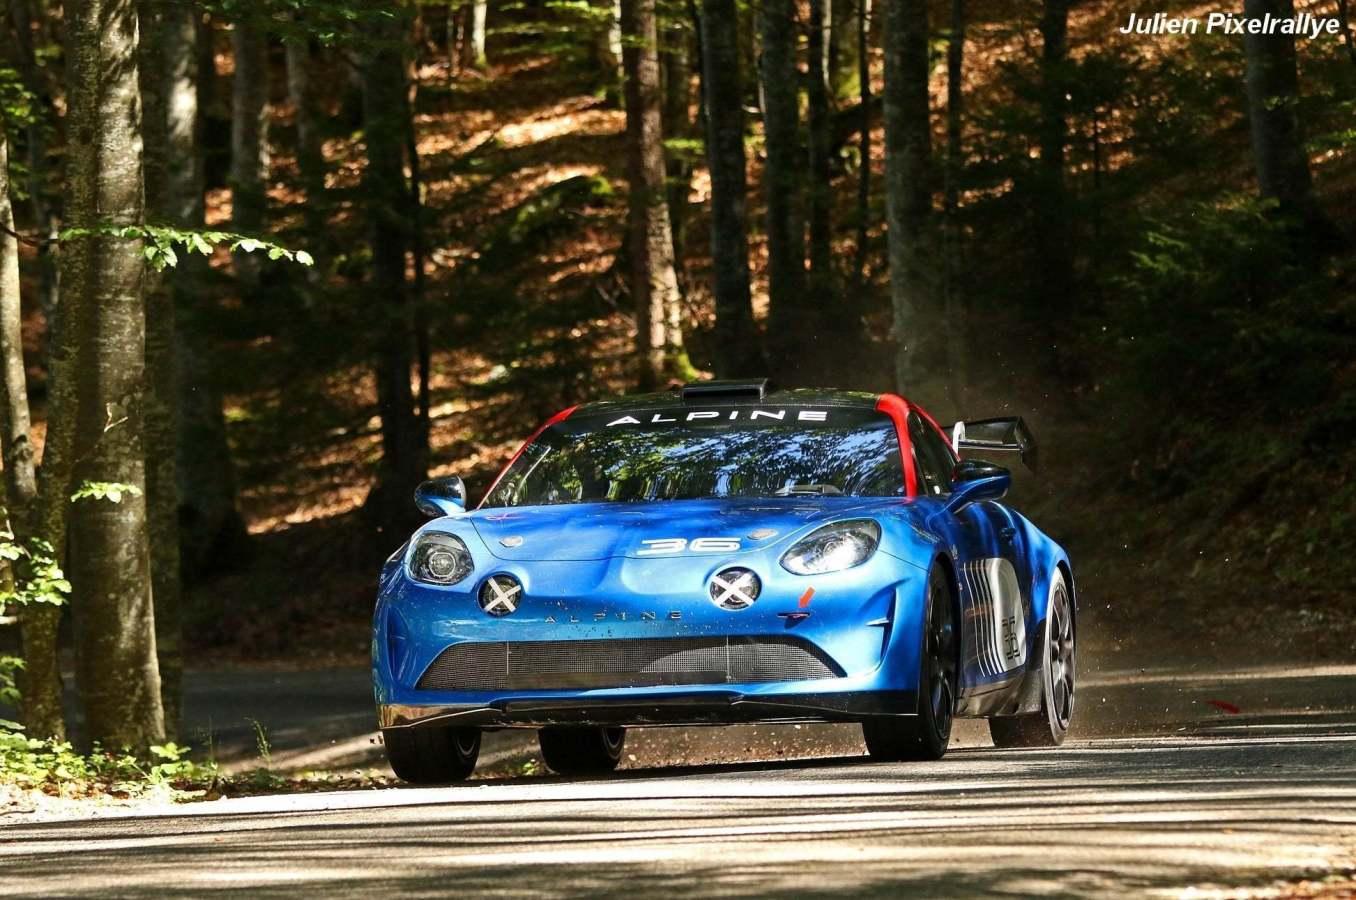 """Alpine A110 R GT Rallye Team FJ Manu Guigou Julien PixelRallye 17   Notre Livre: """"Alpine, le retour en compétition"""" à Rétromobile 2020"""